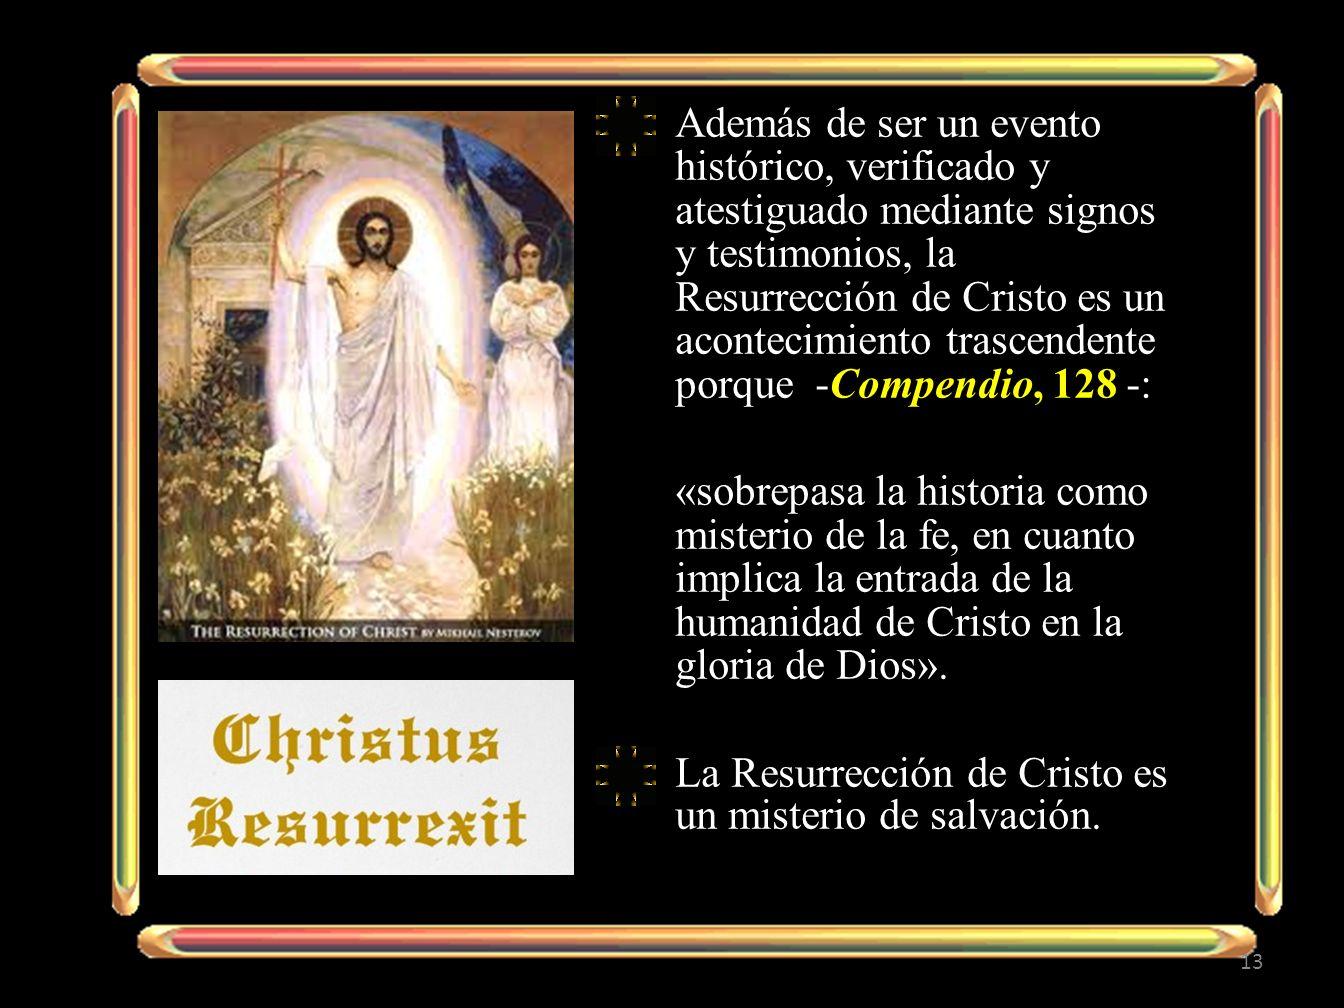 Además de ser un evento histórico, verificado y atestiguado mediante signos y testimonios, la Resurrección de Cristo es un acontecimiento trascendente porque -Compendio, 128 -: